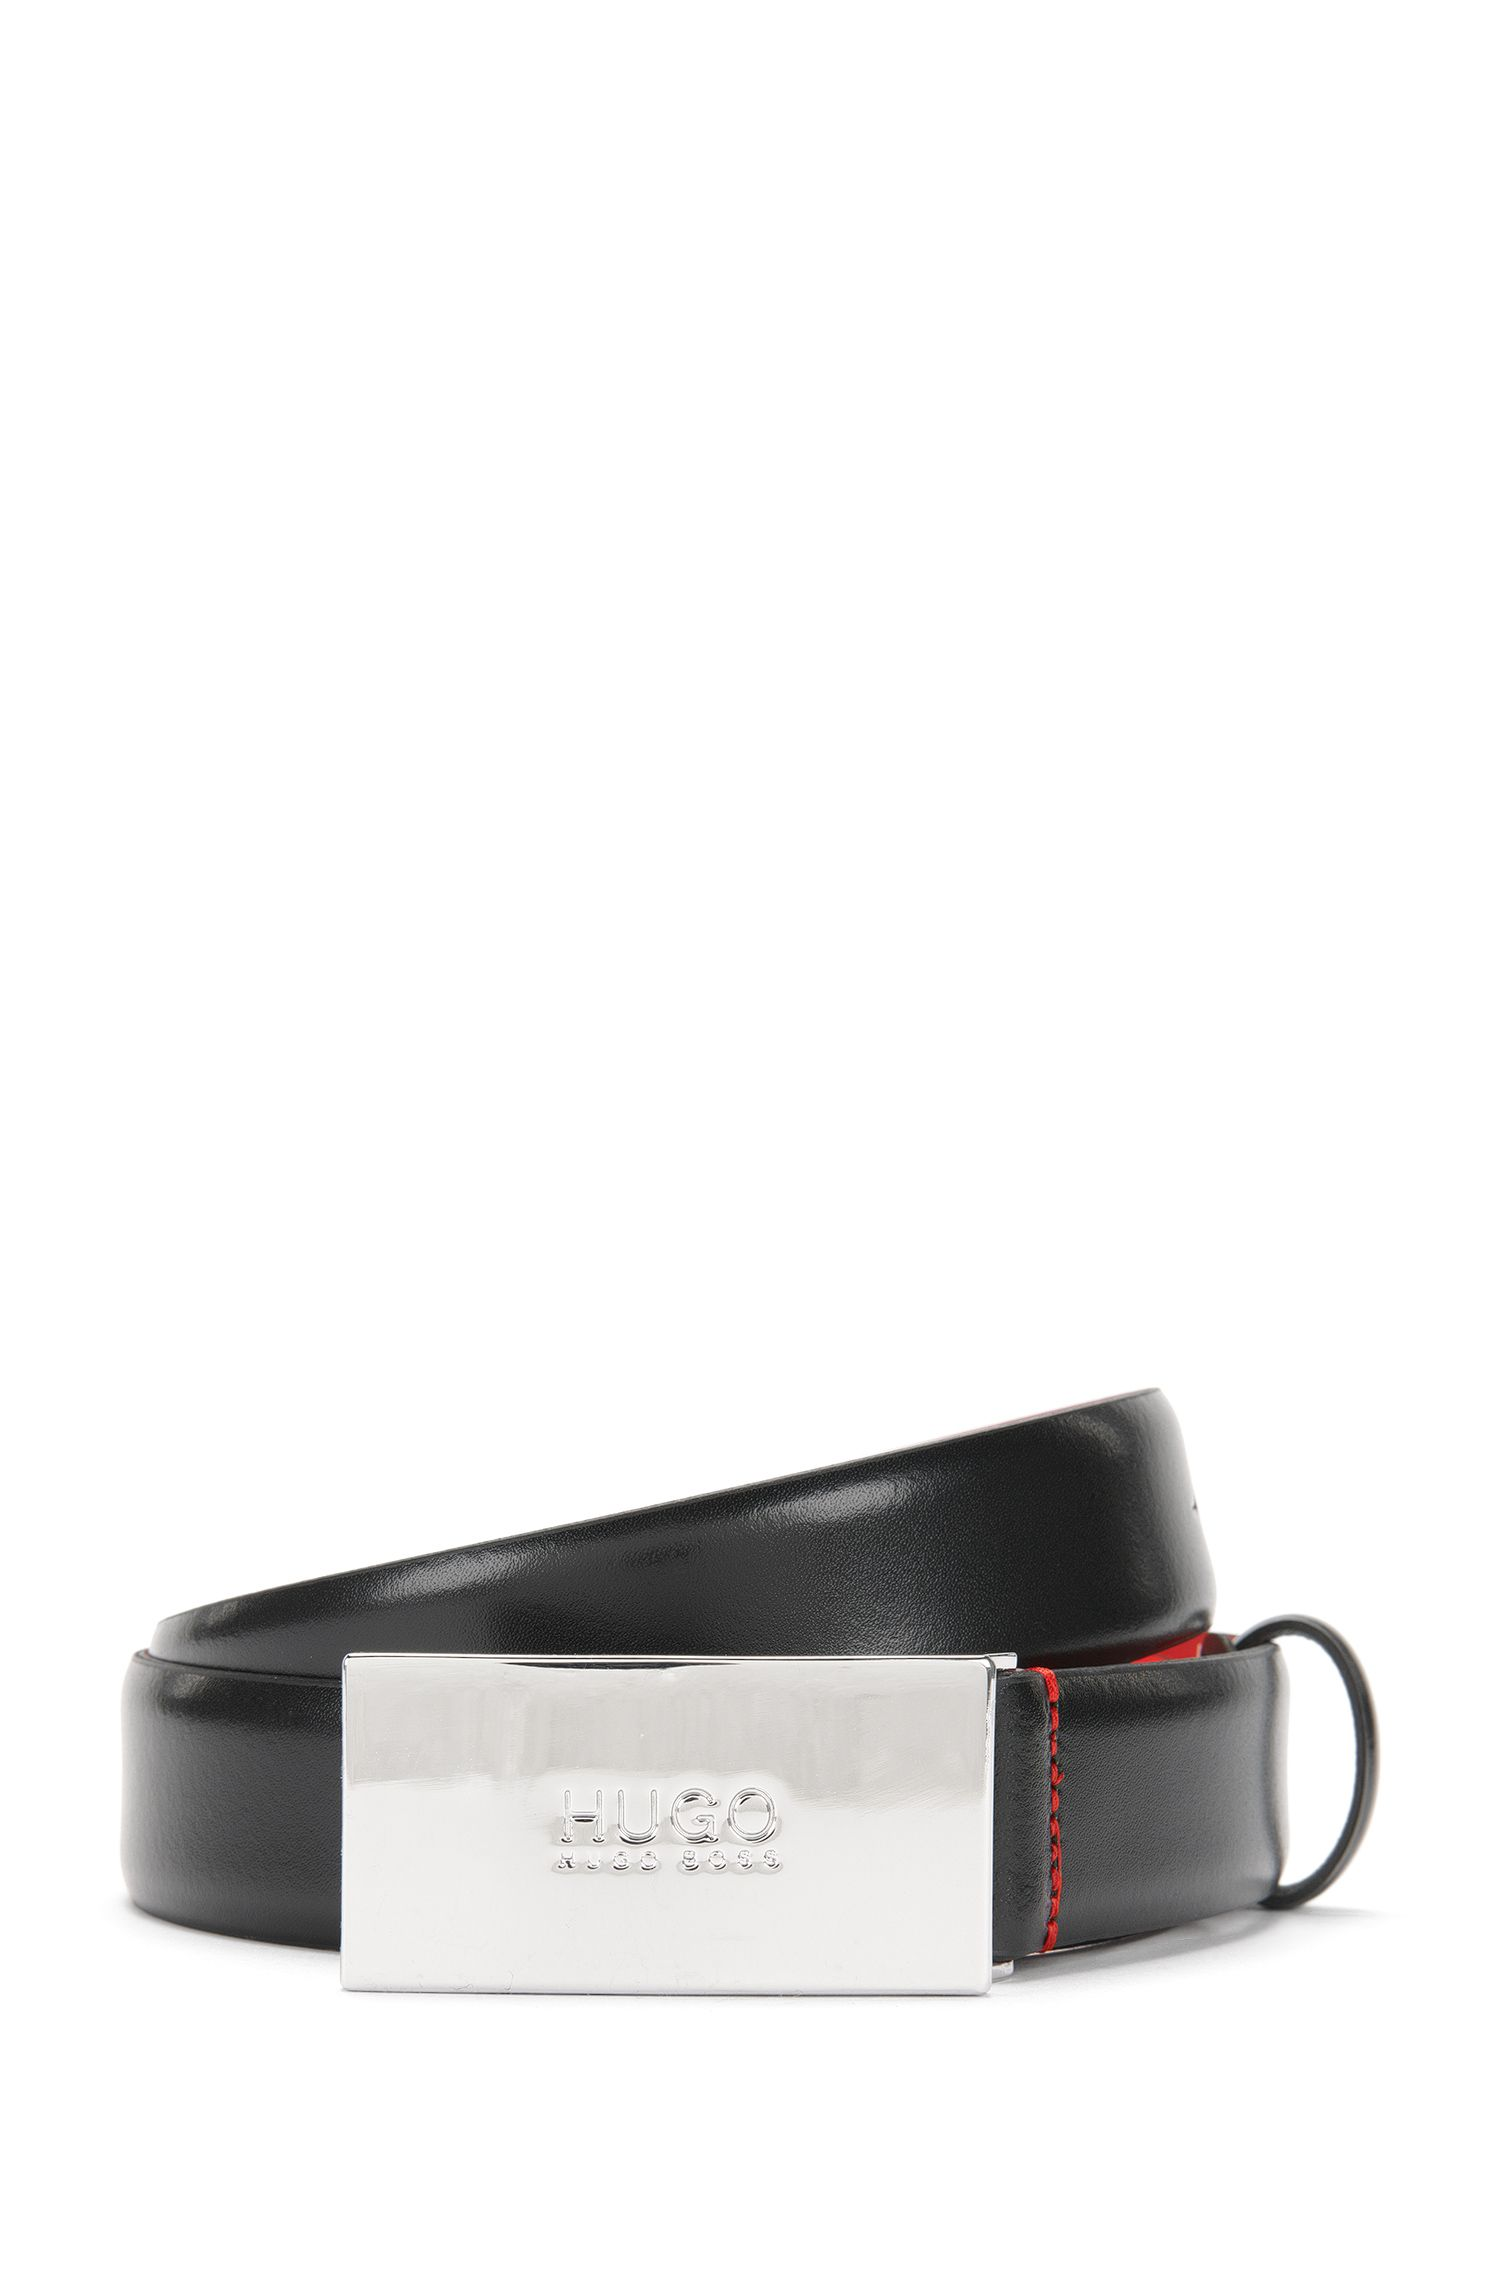 Cintura in pelle con fibbia a placca con logo